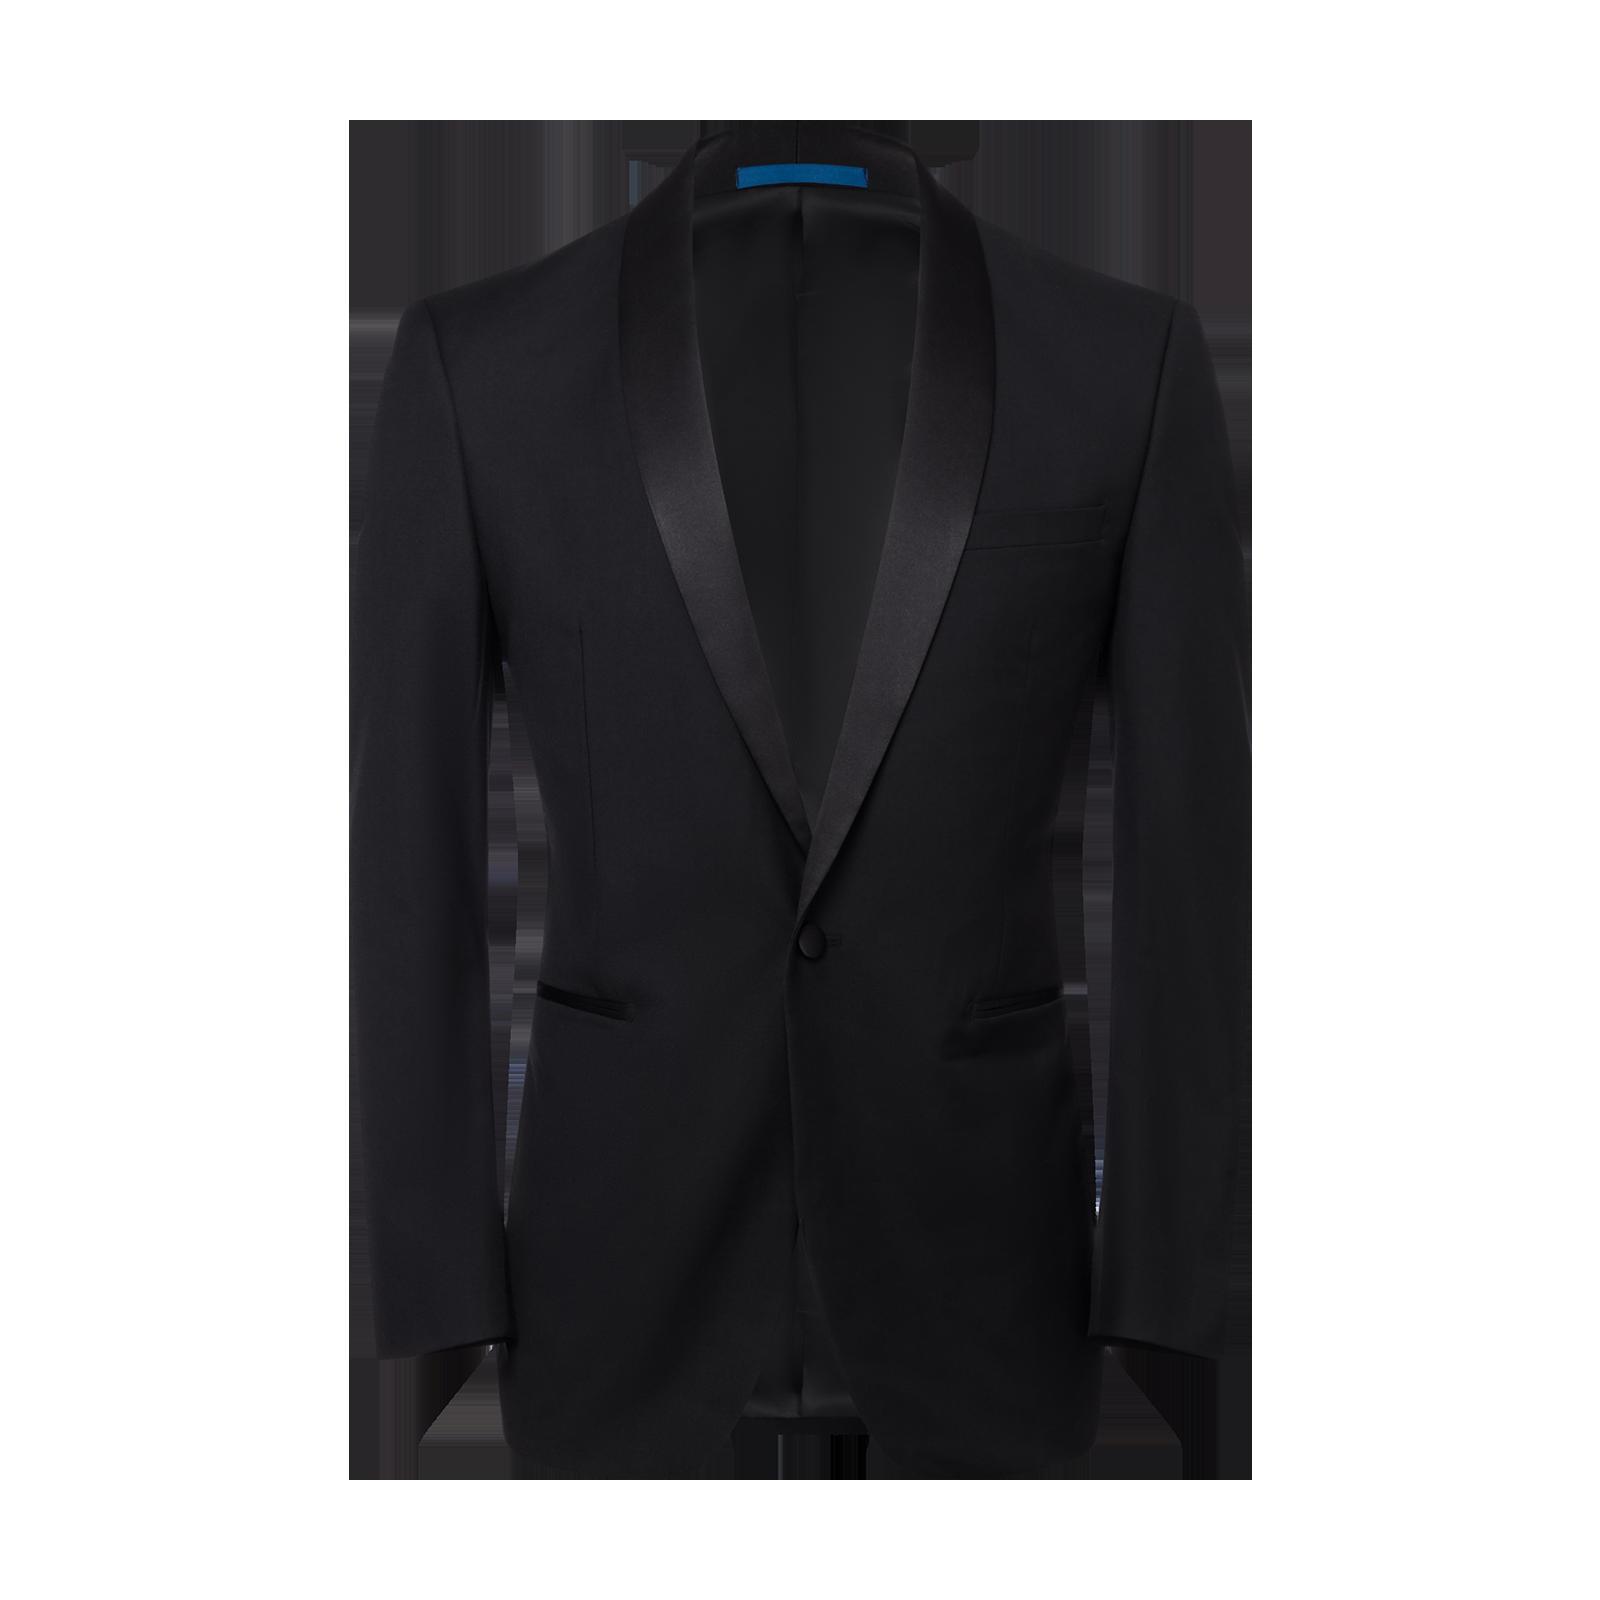 jacket product photo, suit product photo